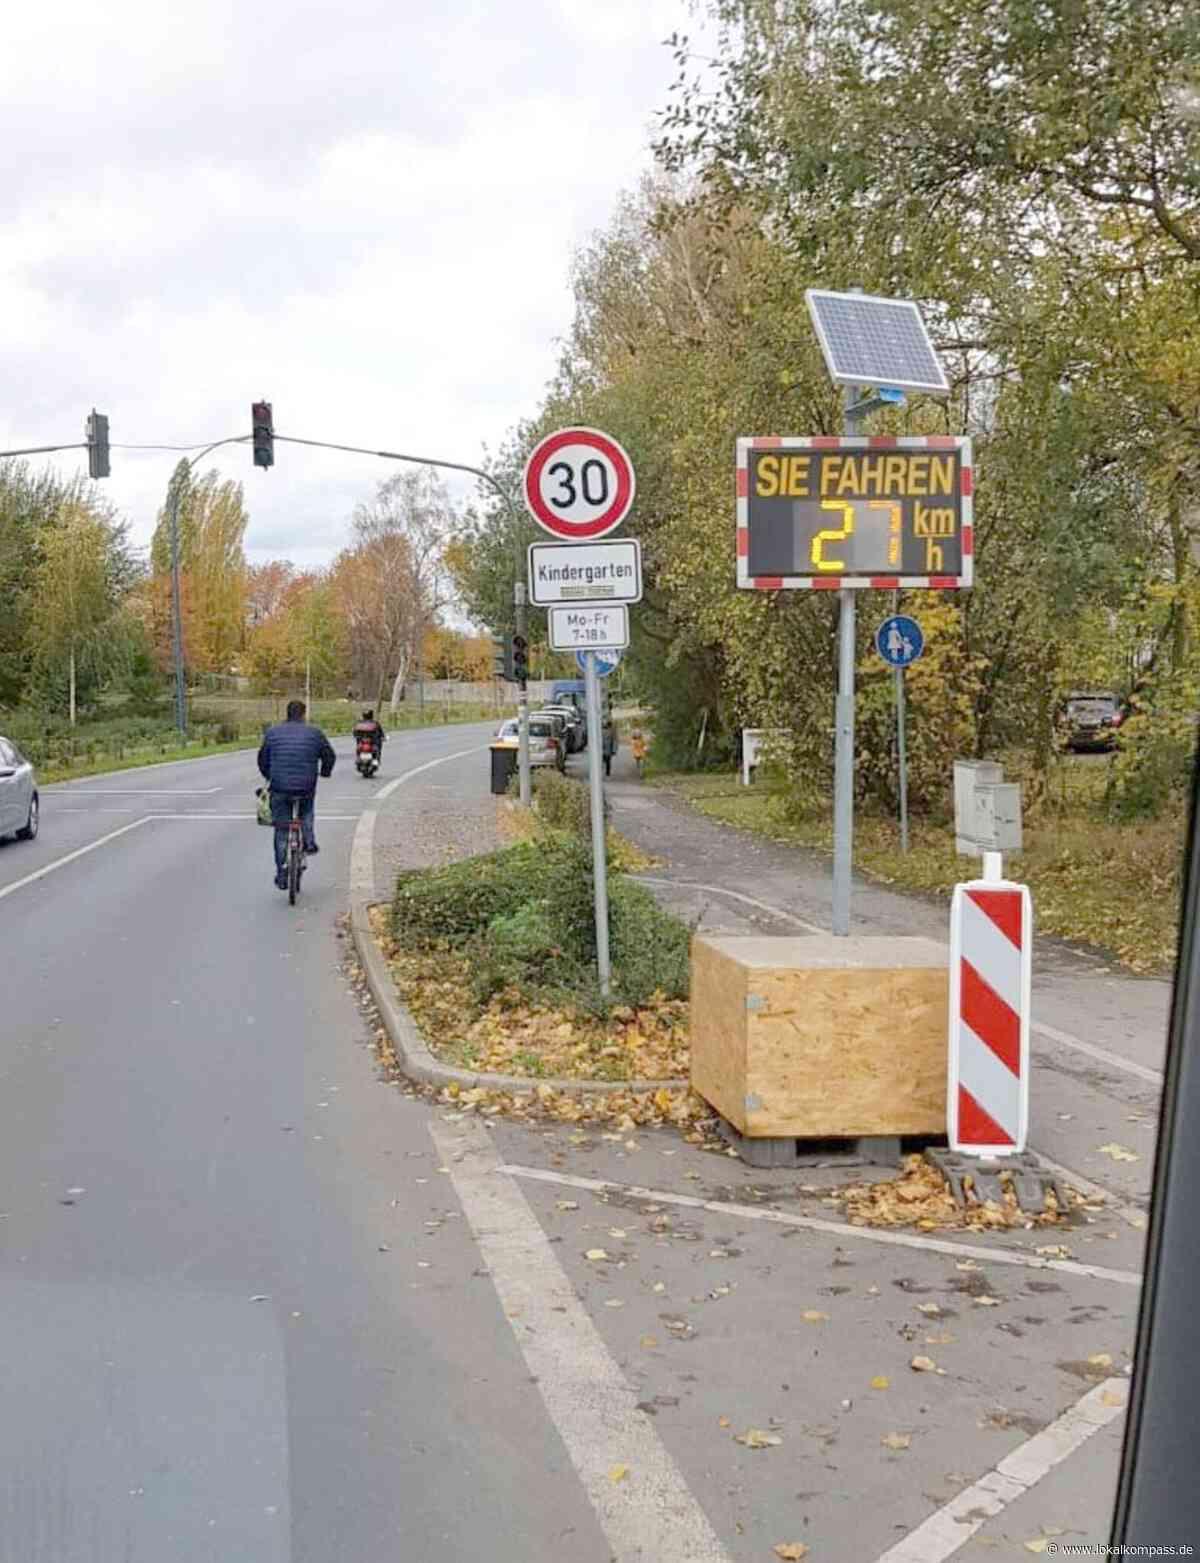 Holzwickede aktuell: Das Tempo im Blick - Unna - Lokalkompass.de